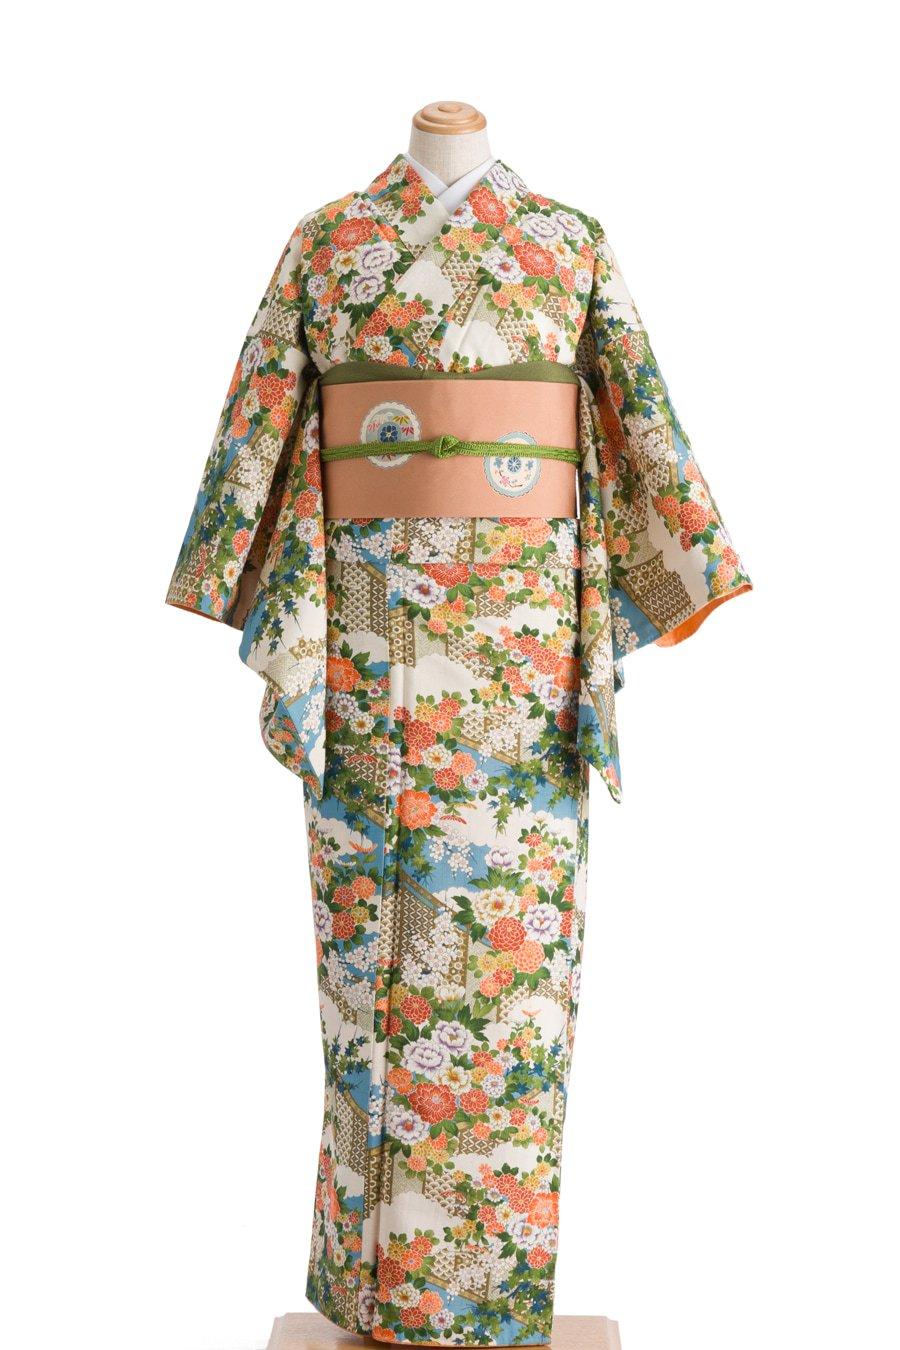 「染紬 水色地に菊や牡丹など」の商品画像